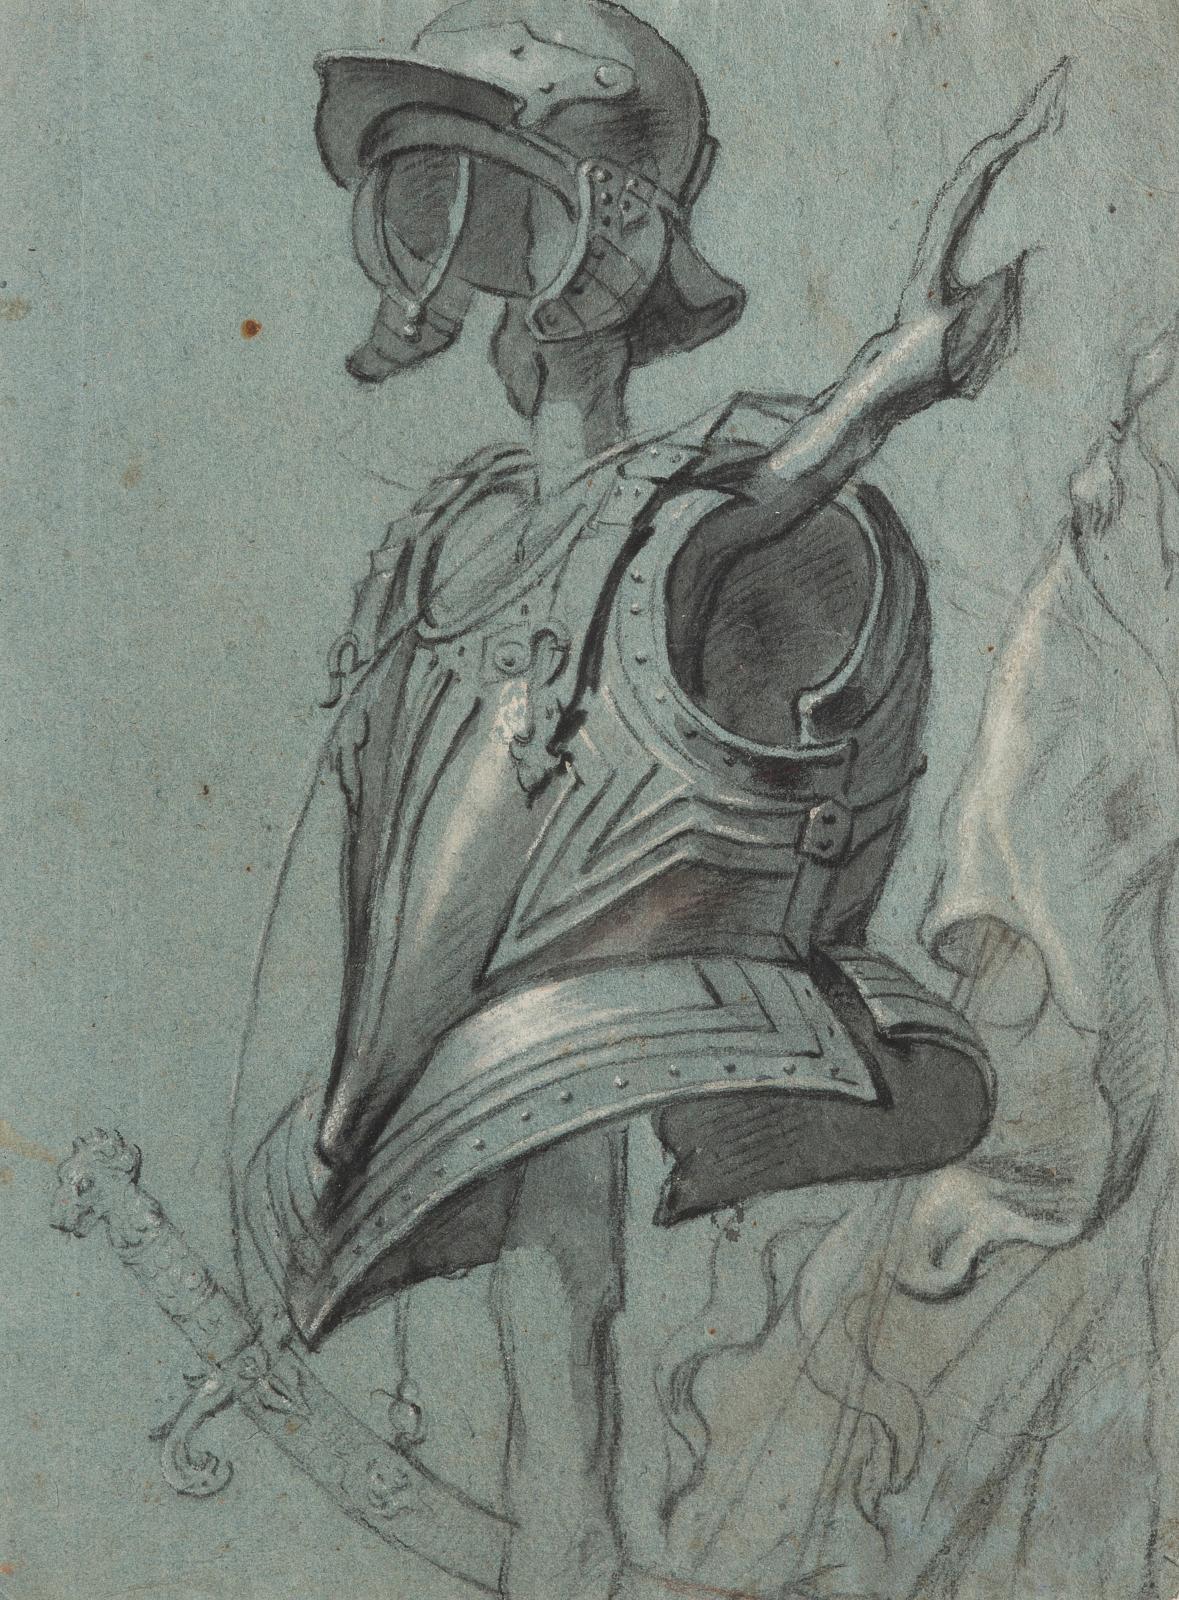 Attribué à Erasmus QuellinusI (1607-1678), Trophée d'armes, pierre noire, lavis brun, rehauts de blanc sur papier bleu, 38,7x28,5cm (détail). Est